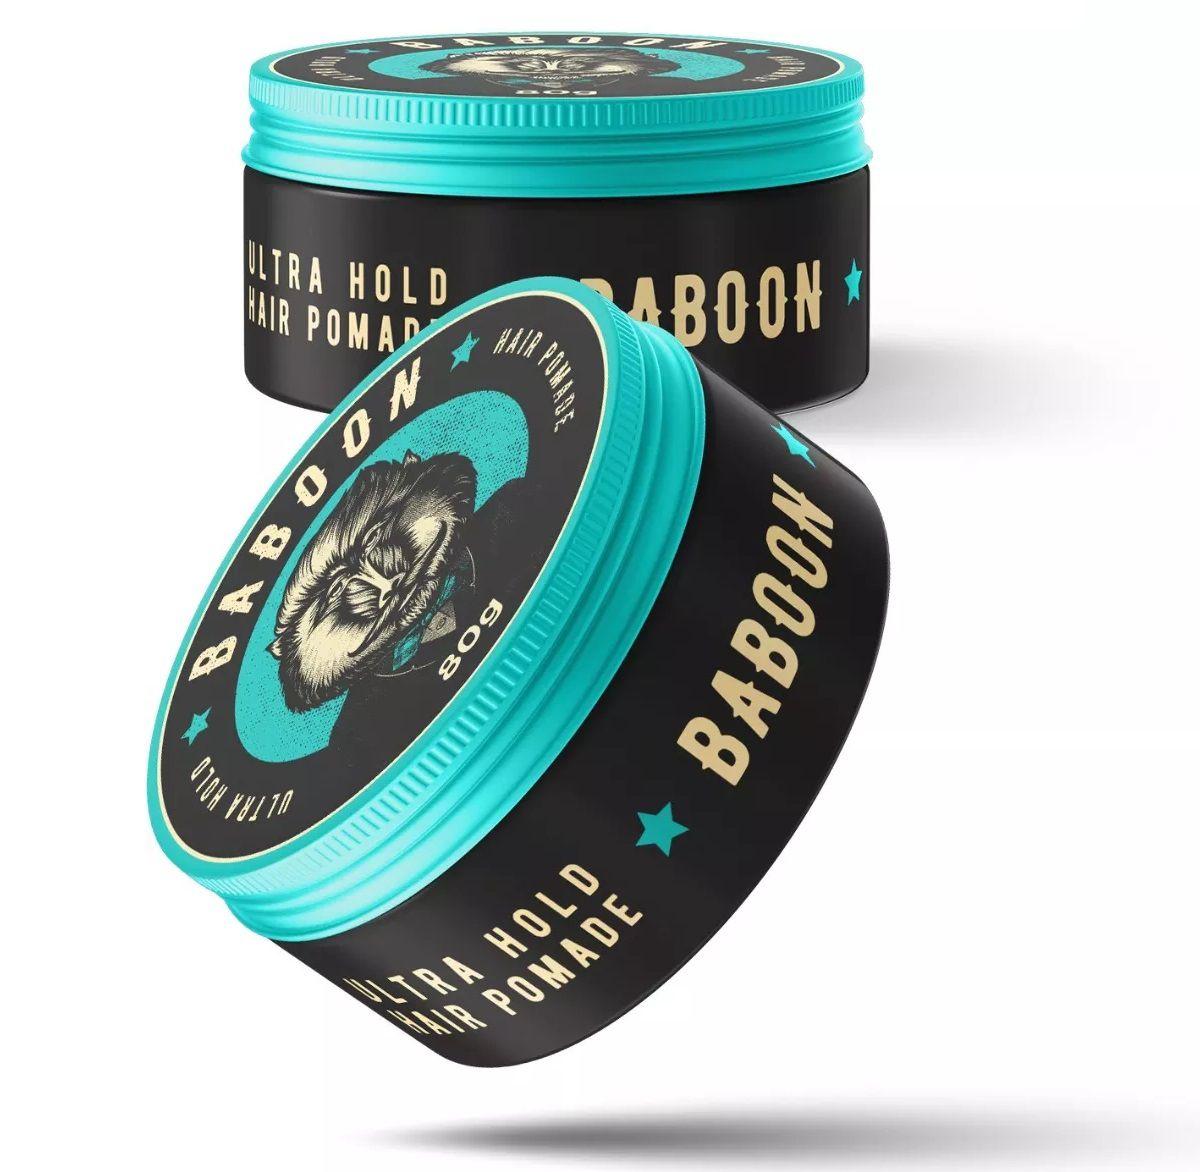 Pomada para Cabelo Efeito Brilho Ultra Hold Baboon - 2 Un